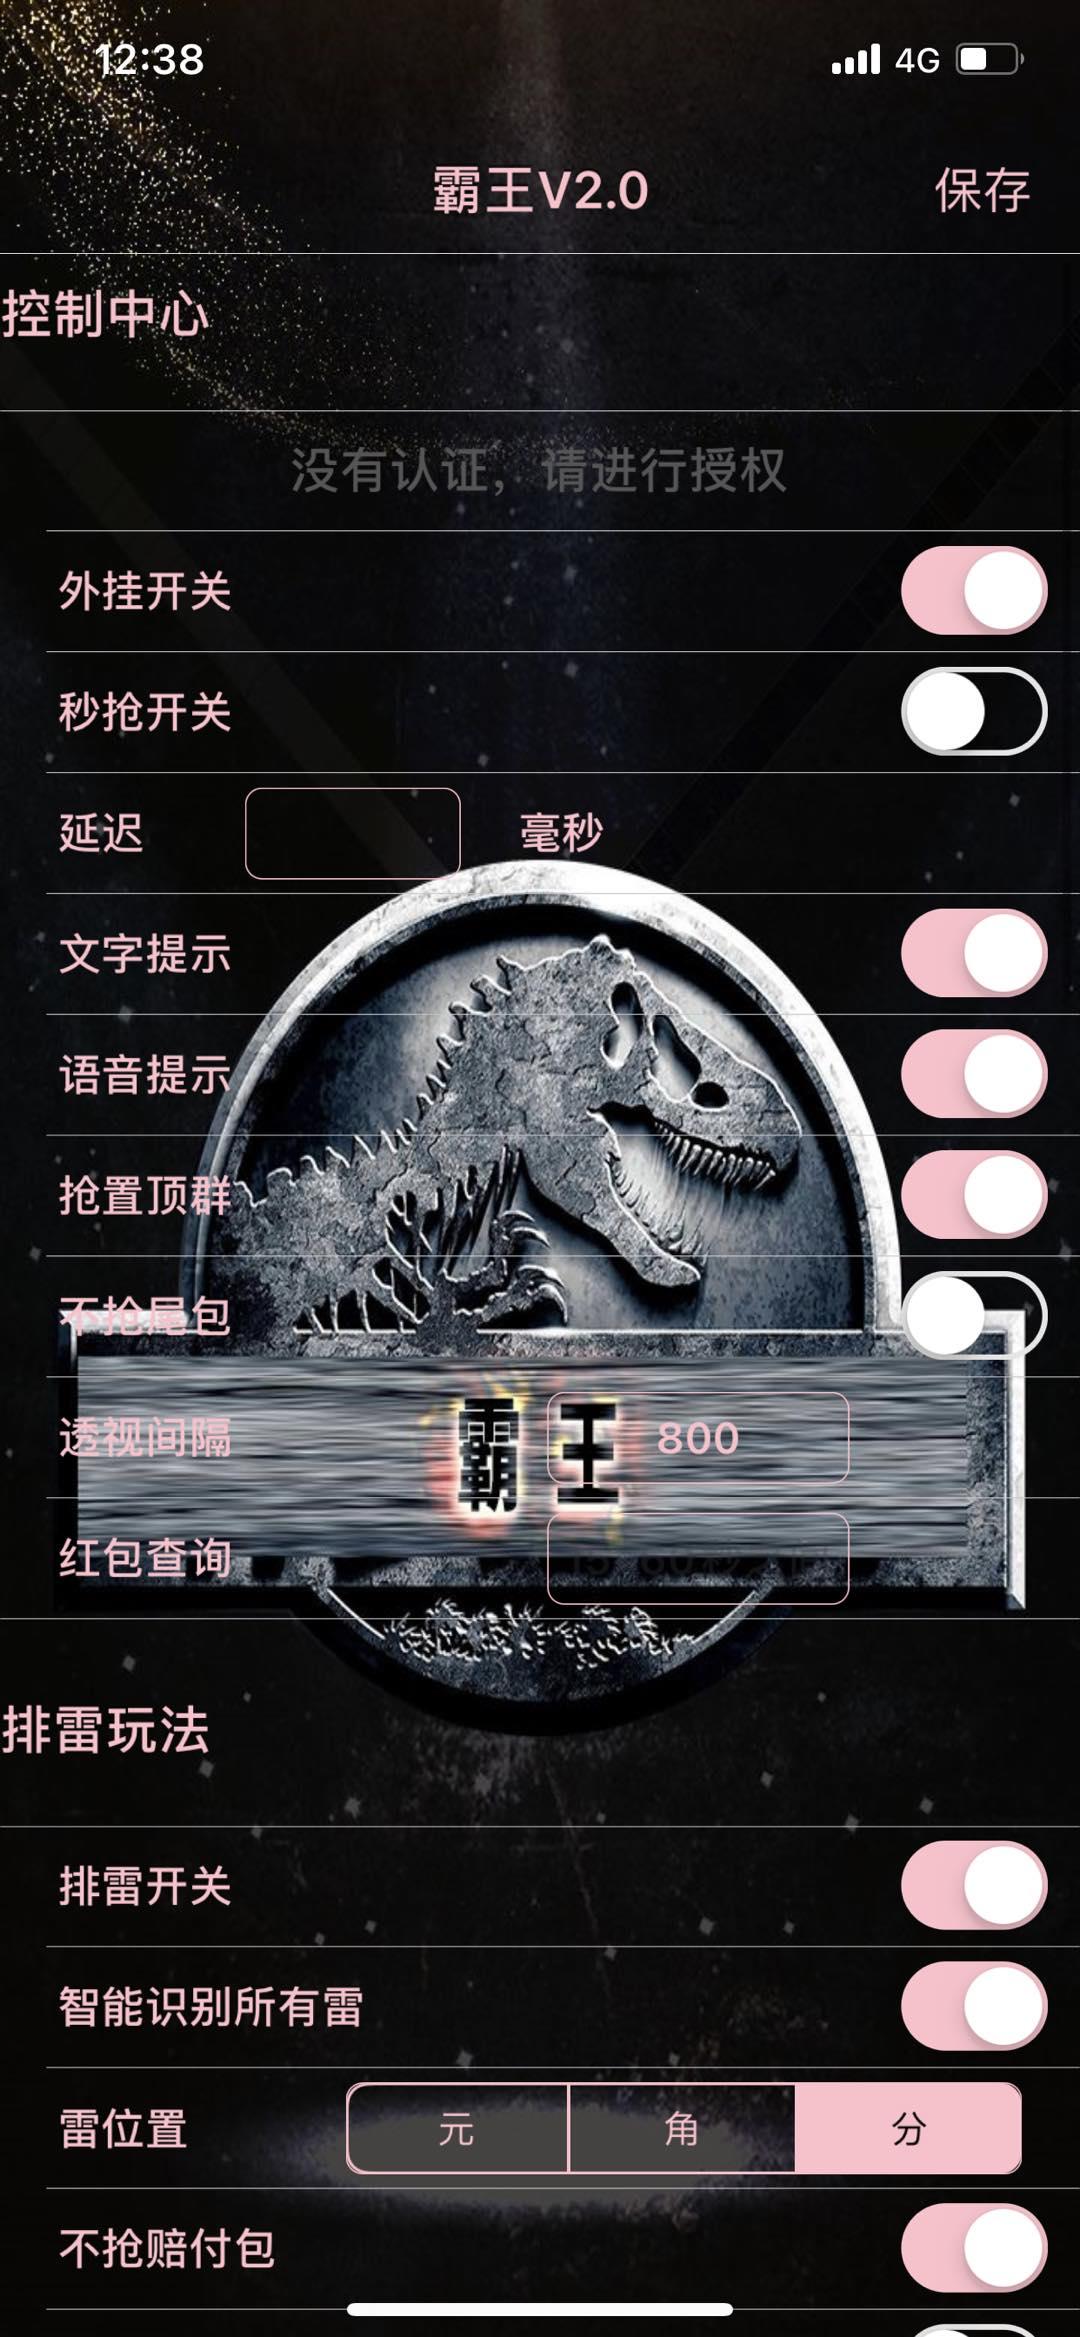 【支付宝小霸王周卡】苹果版